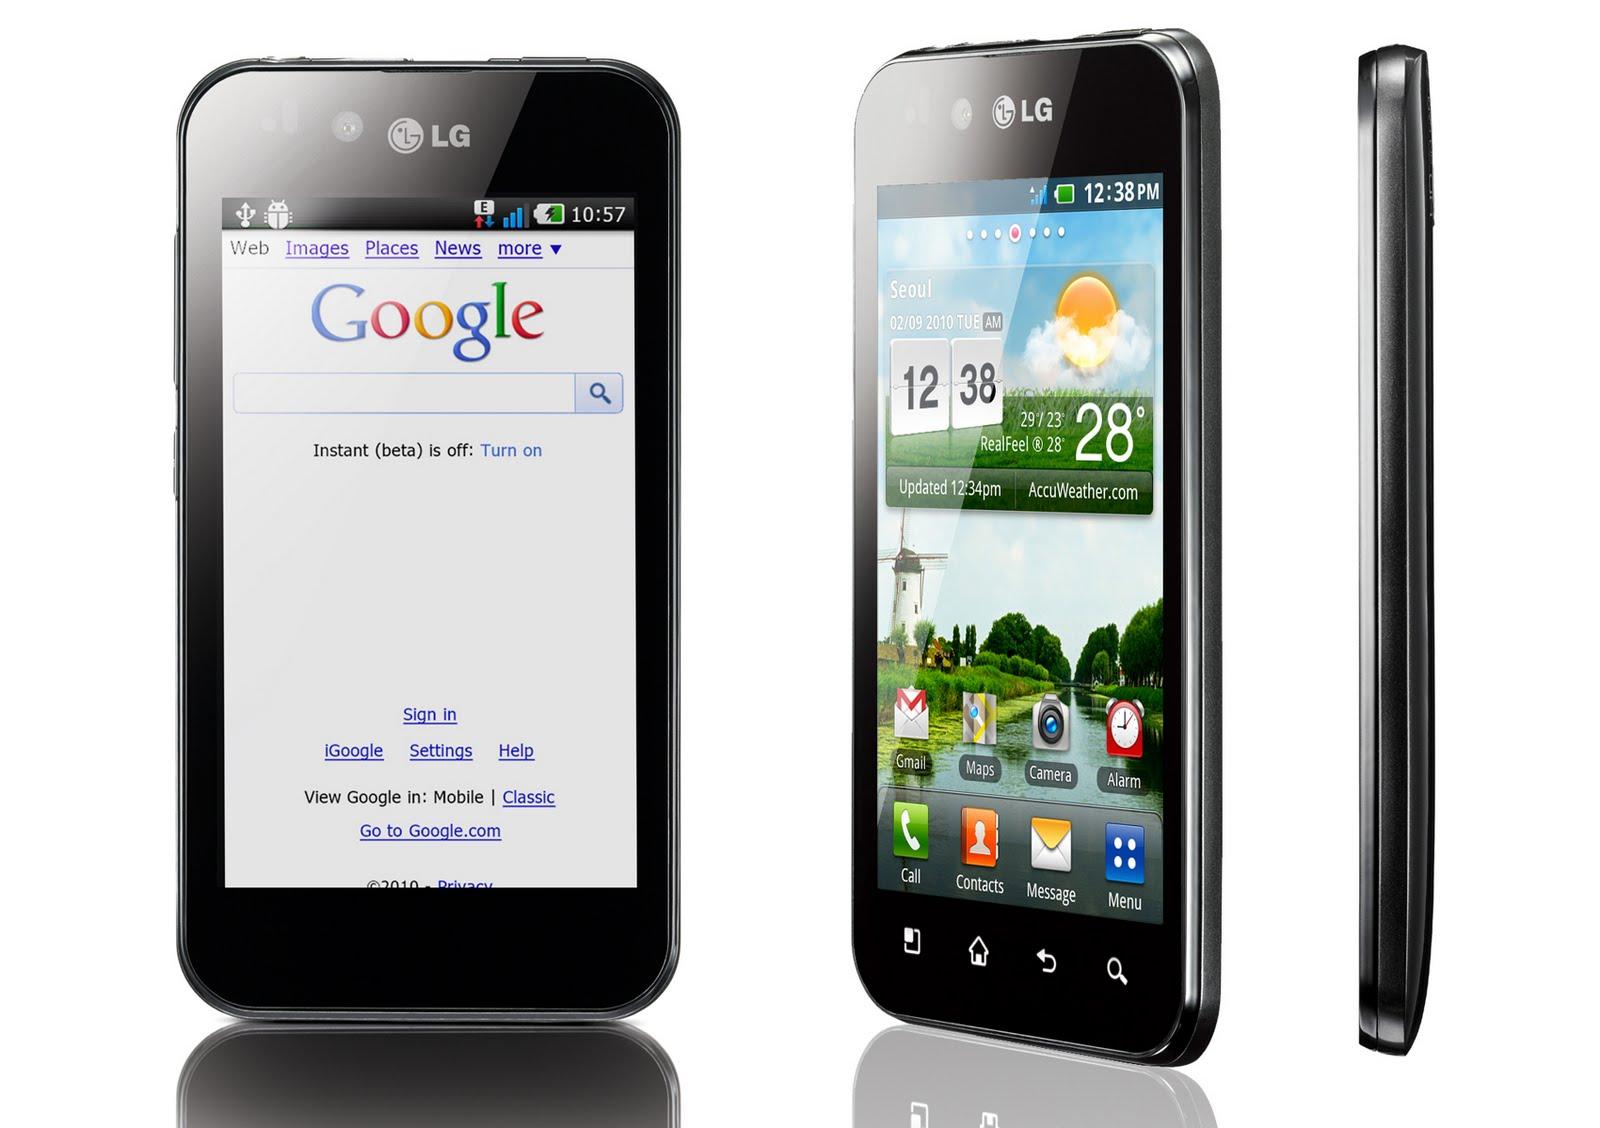 test guides af smartphones test apps til erhvervslivet